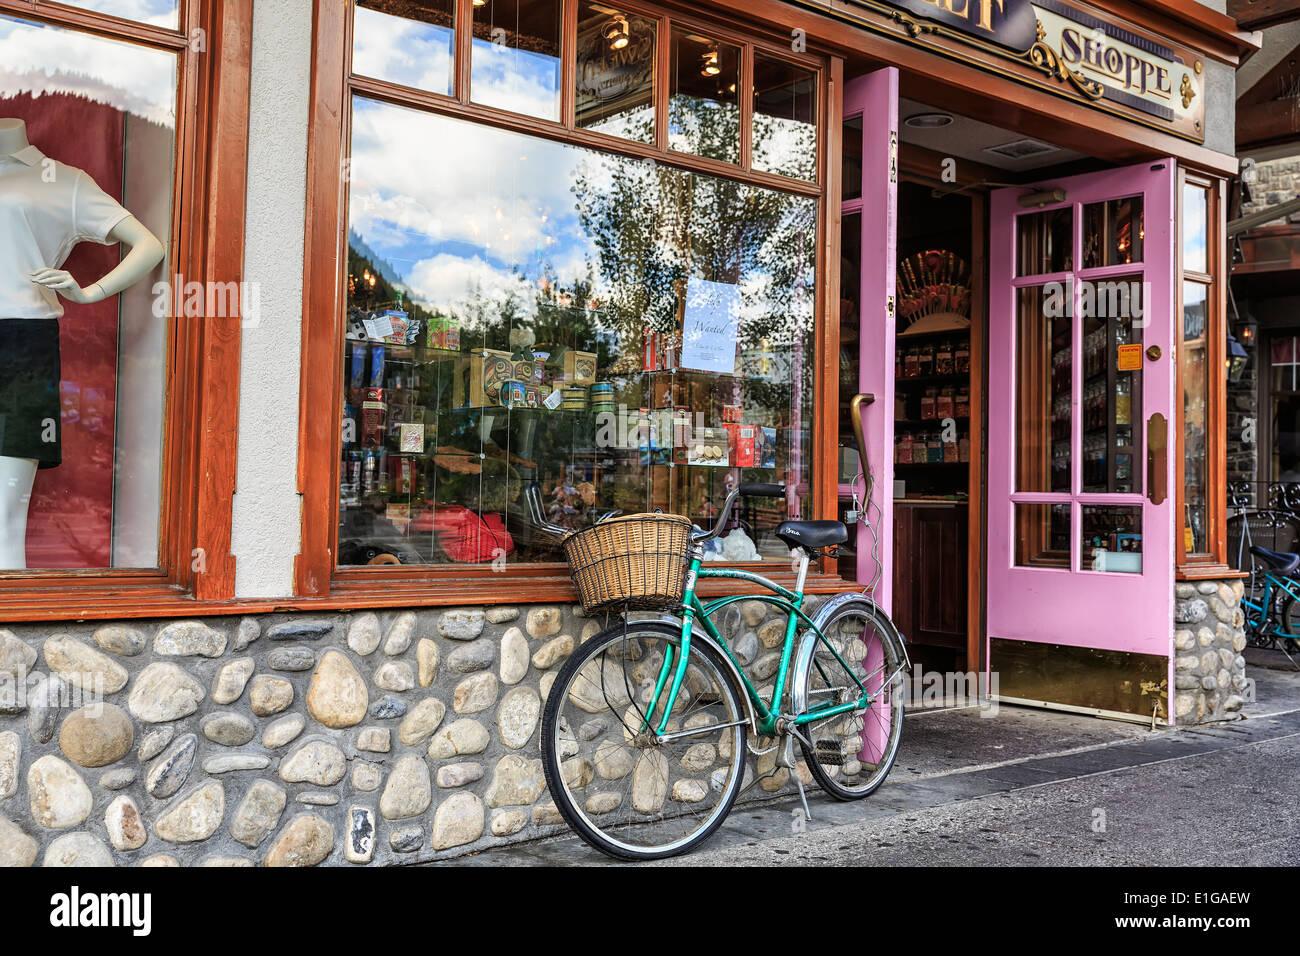 Cruiser bicicleta con cesta fuera un escaparate, Banff, Alberta, Canadá Foto de stock